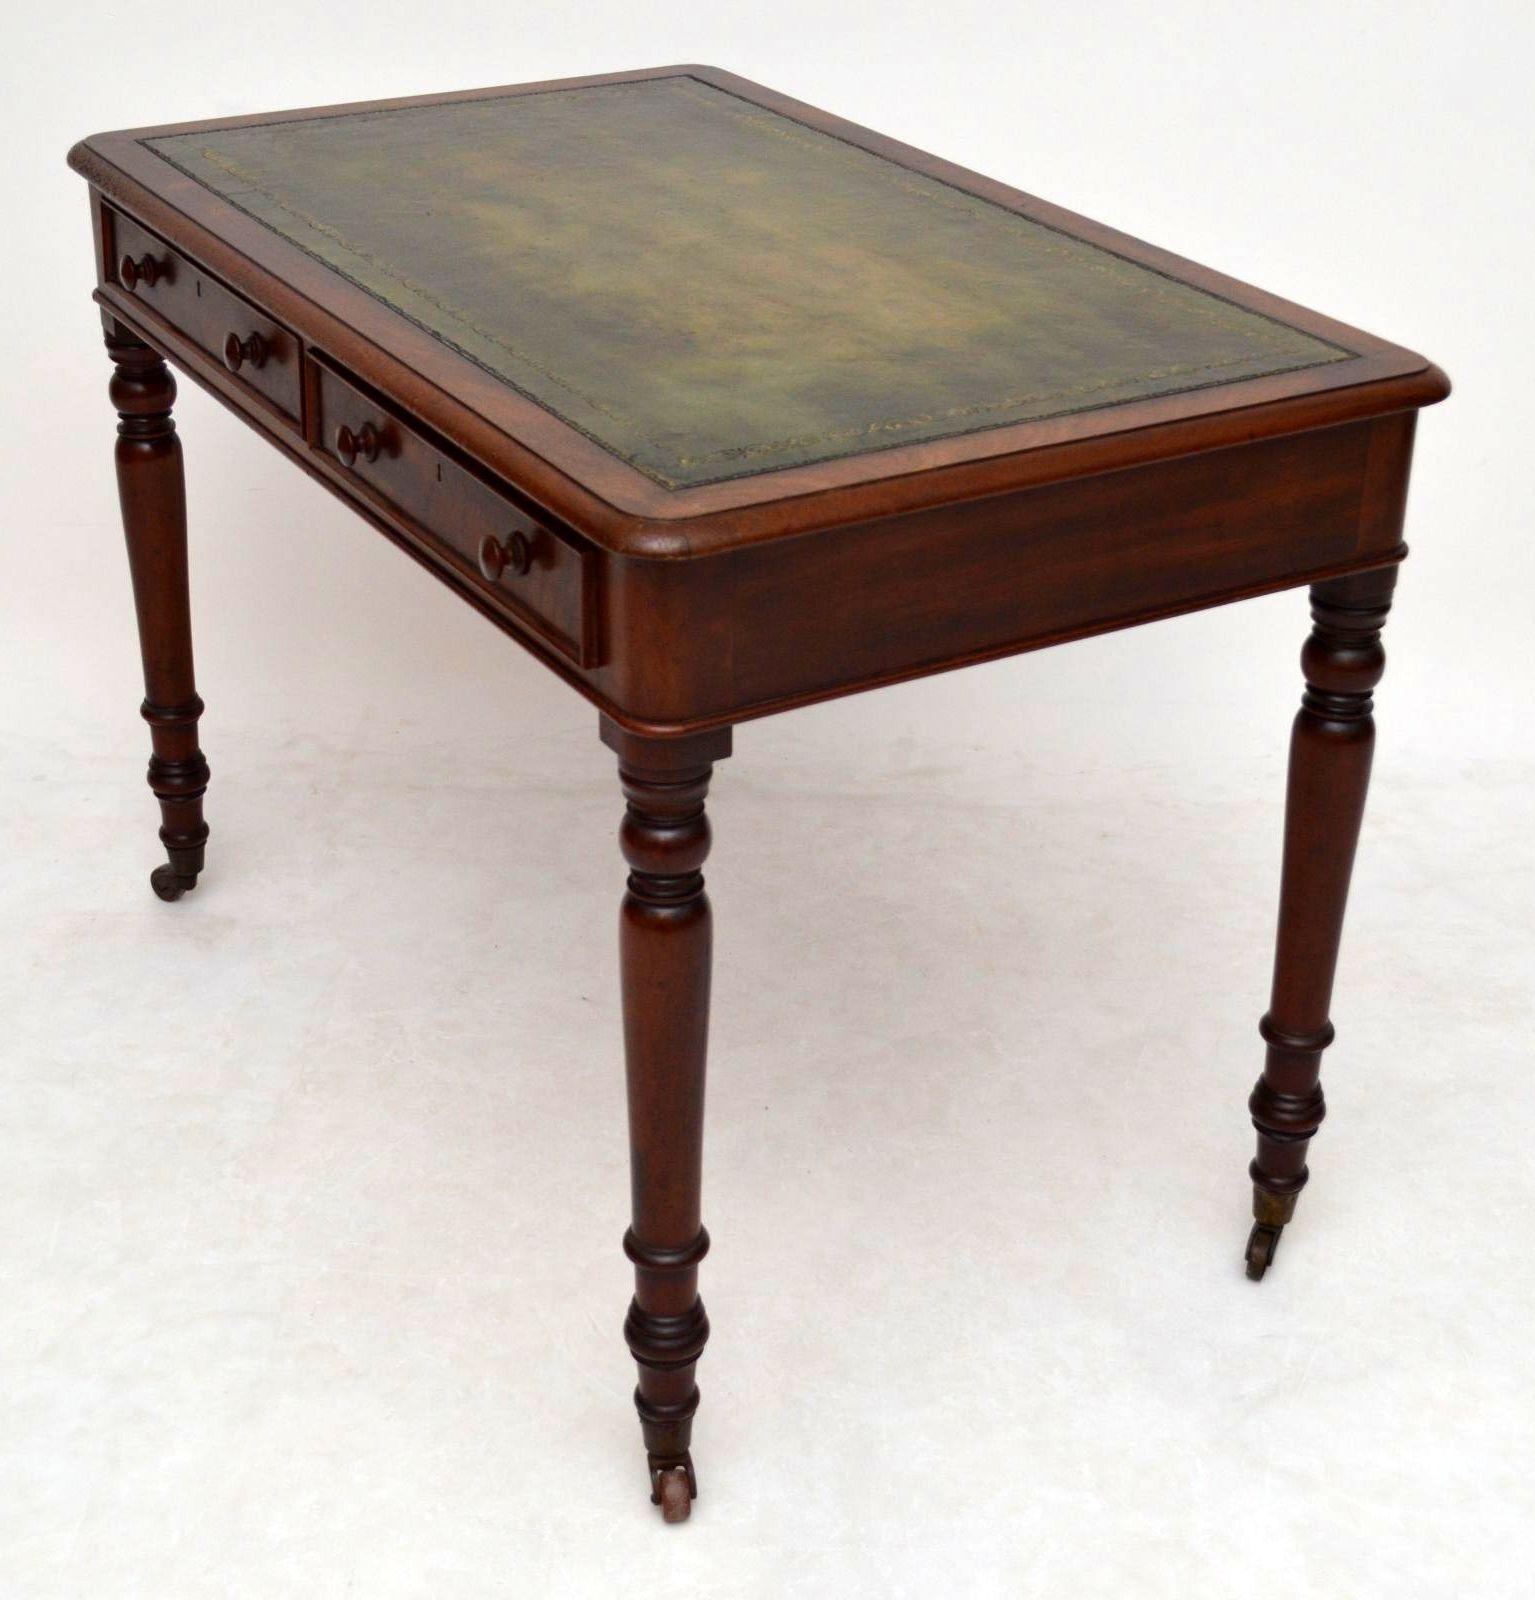 Viktorianischer Mahagoni Schreibtisch antik